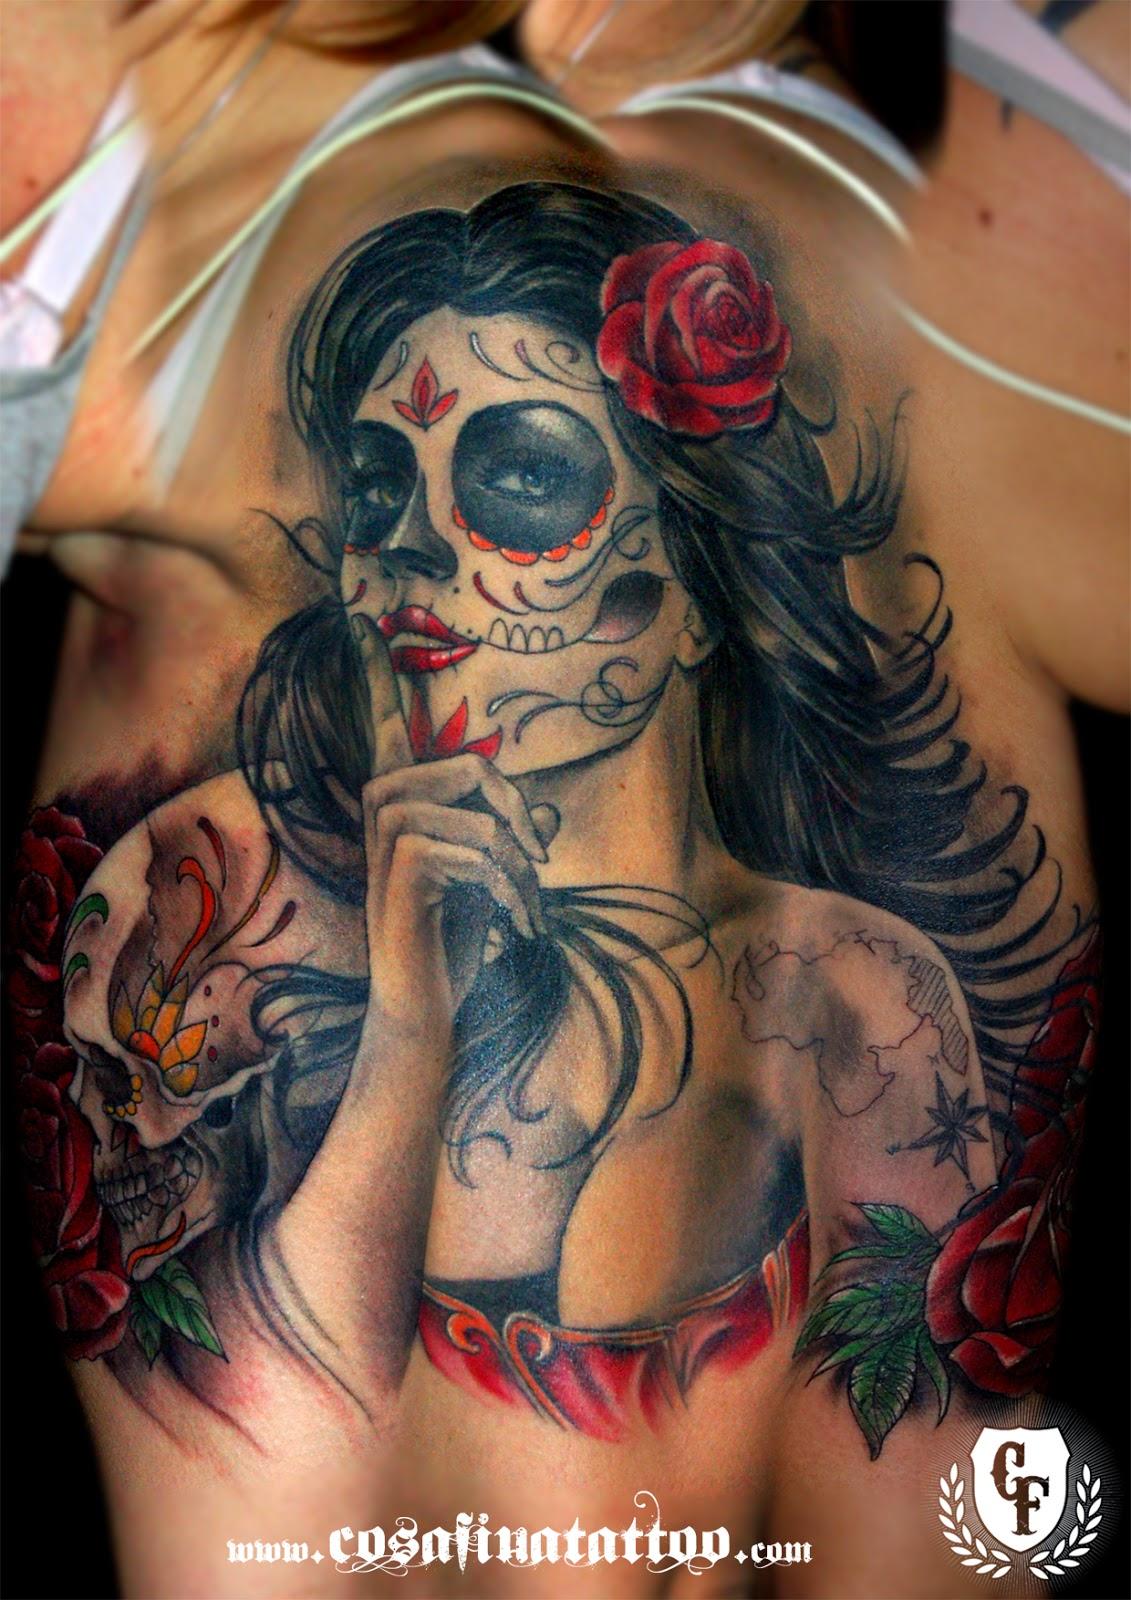 Imagenes De Rosas Para Tatuar - 24 tatuajes de flores para mujeres Tatuajes para mujeres y